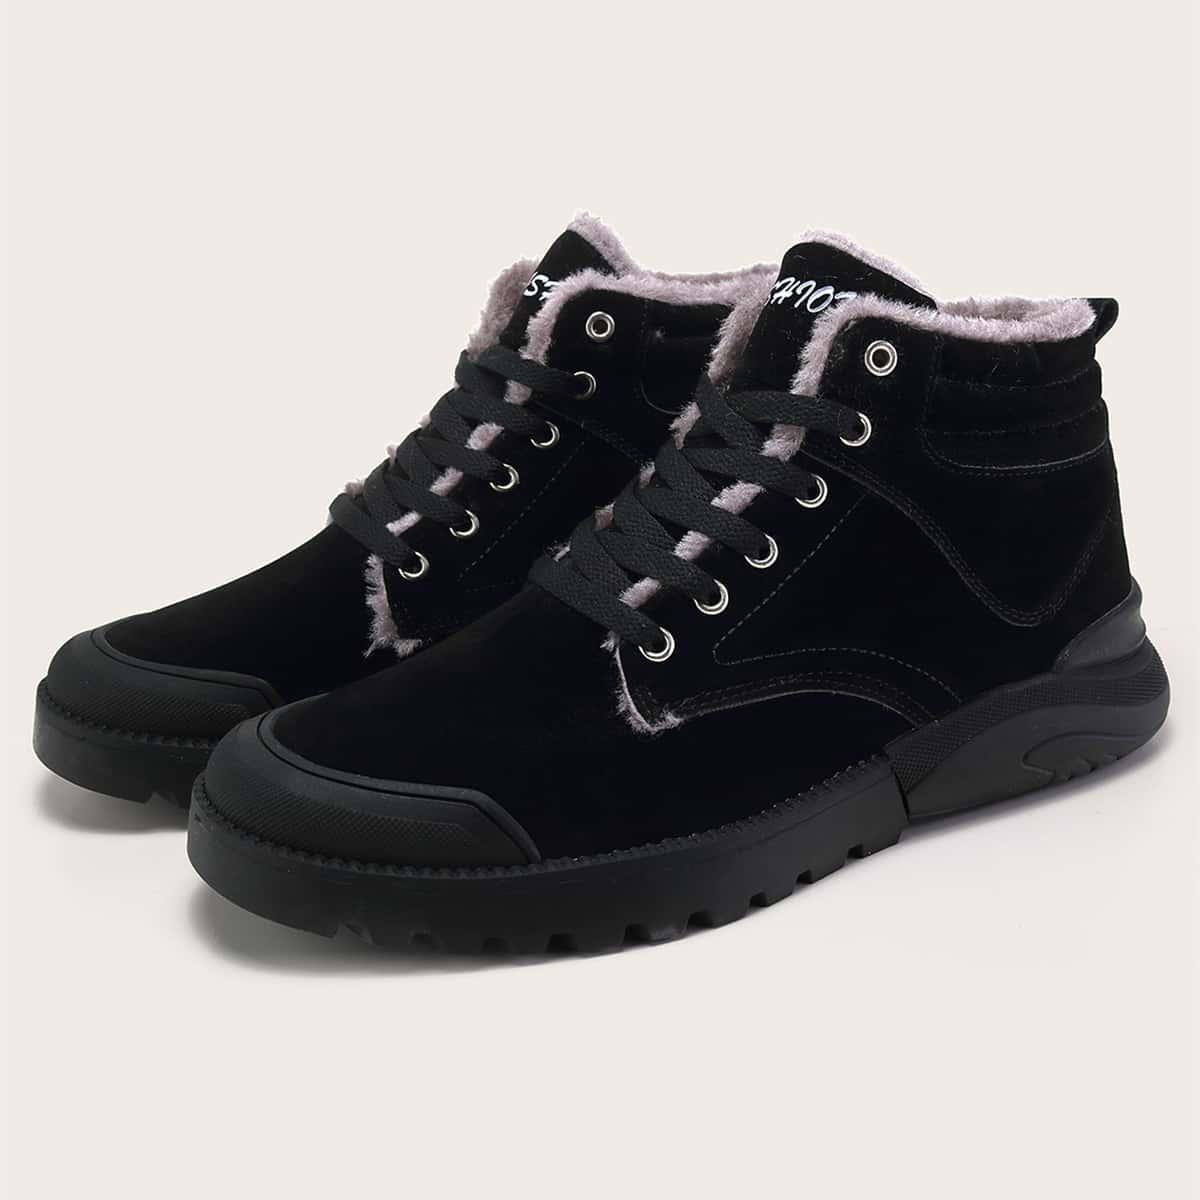 Мужские ботинки на плюшевой подкладке